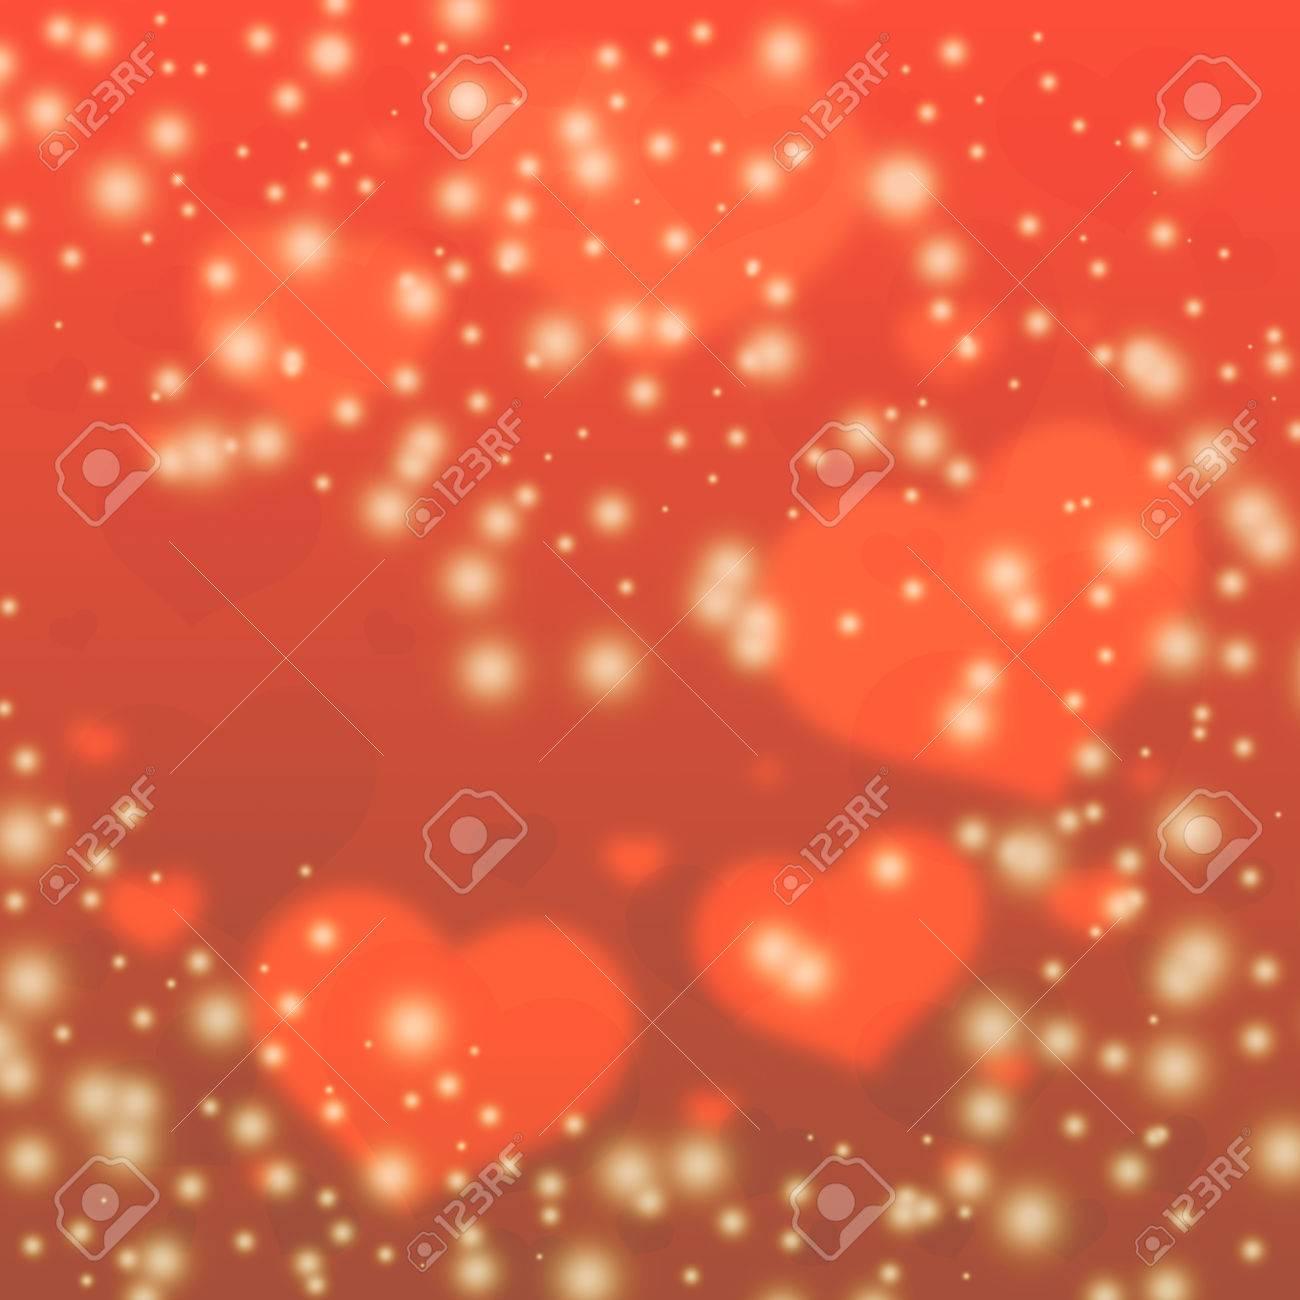 Fondo De Los Corazones De Color Rojo Corazones Borrosa Fondo Del